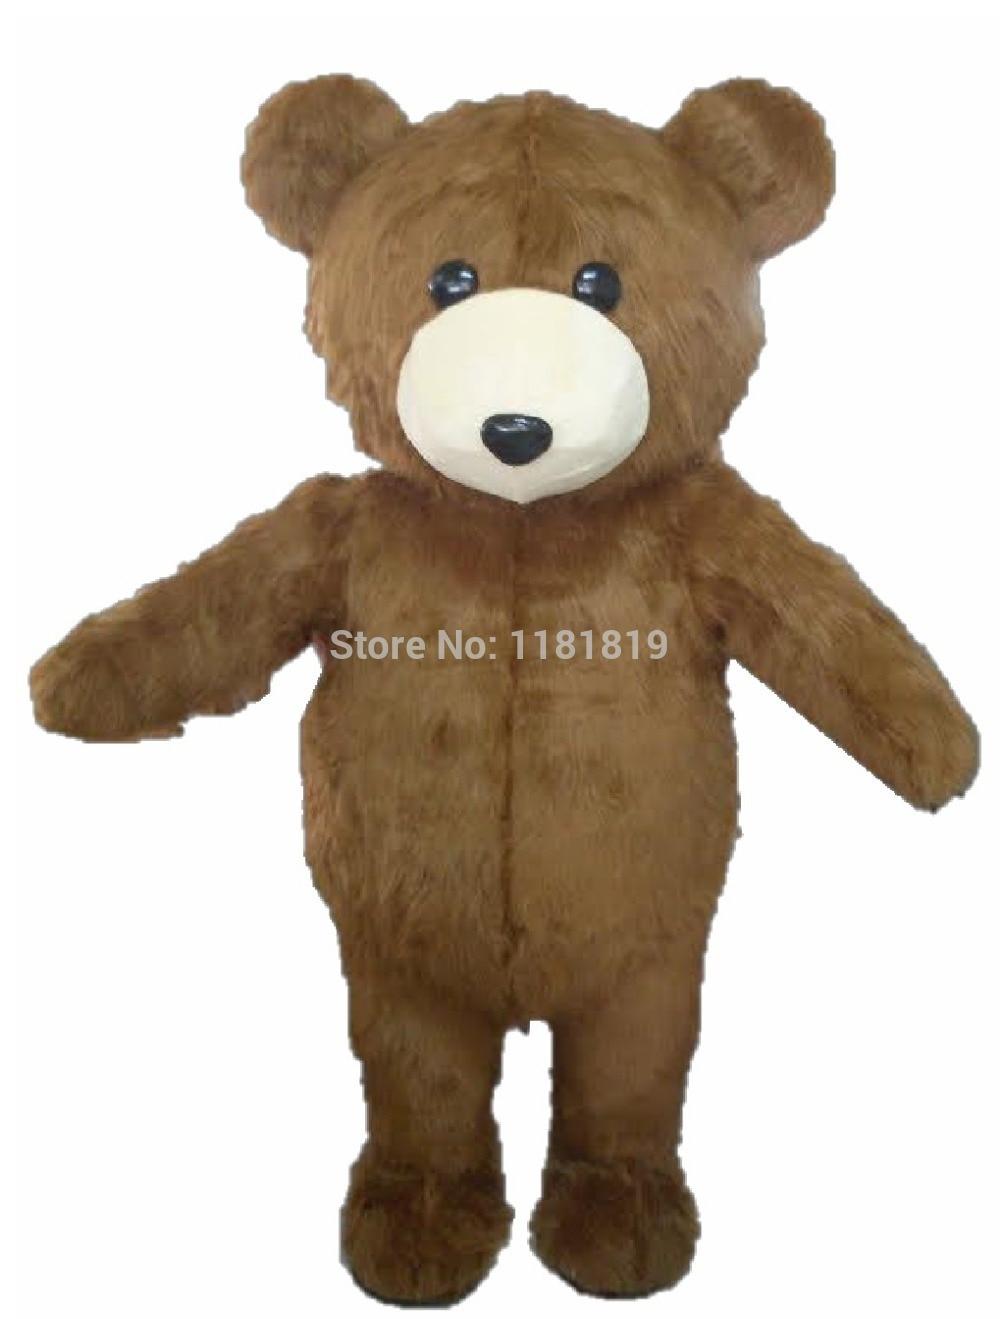 MASCOT Krásné dlouhé vlasy Plyšové Hnědé medvídky Maskotové kostýmy Dospělý velikost Bear Mascotte Suit Fit Efektní šaty Free Ship